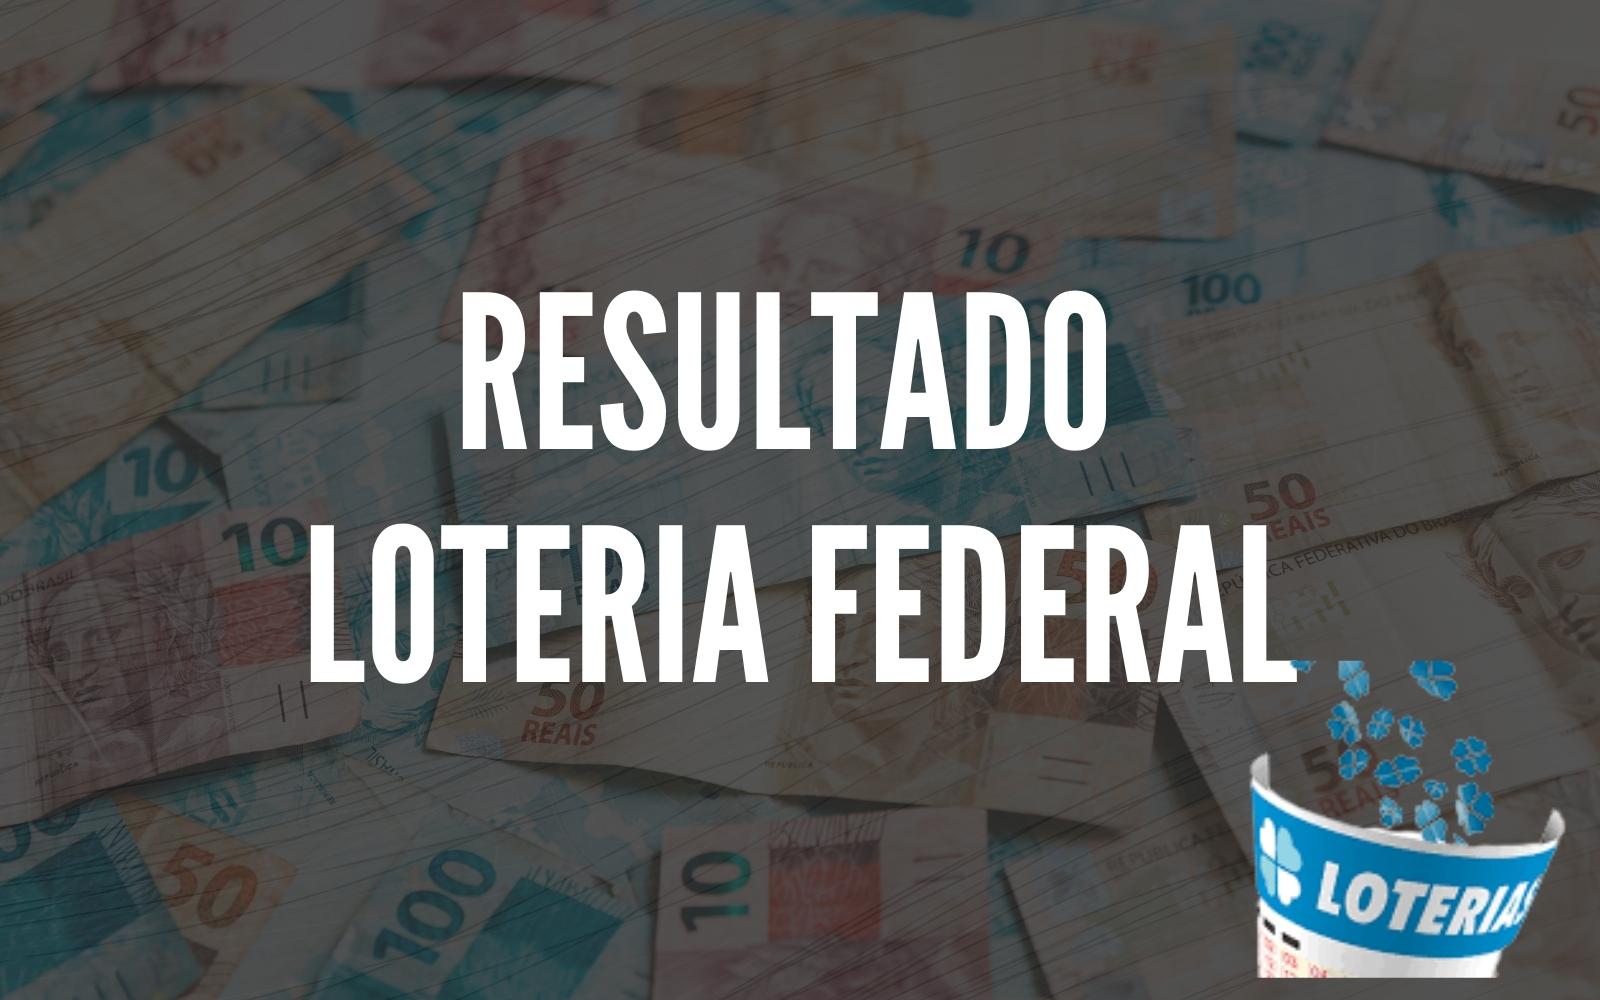 Resultado Loteria Federal 5608 de hoje, sábado (23/10/21)